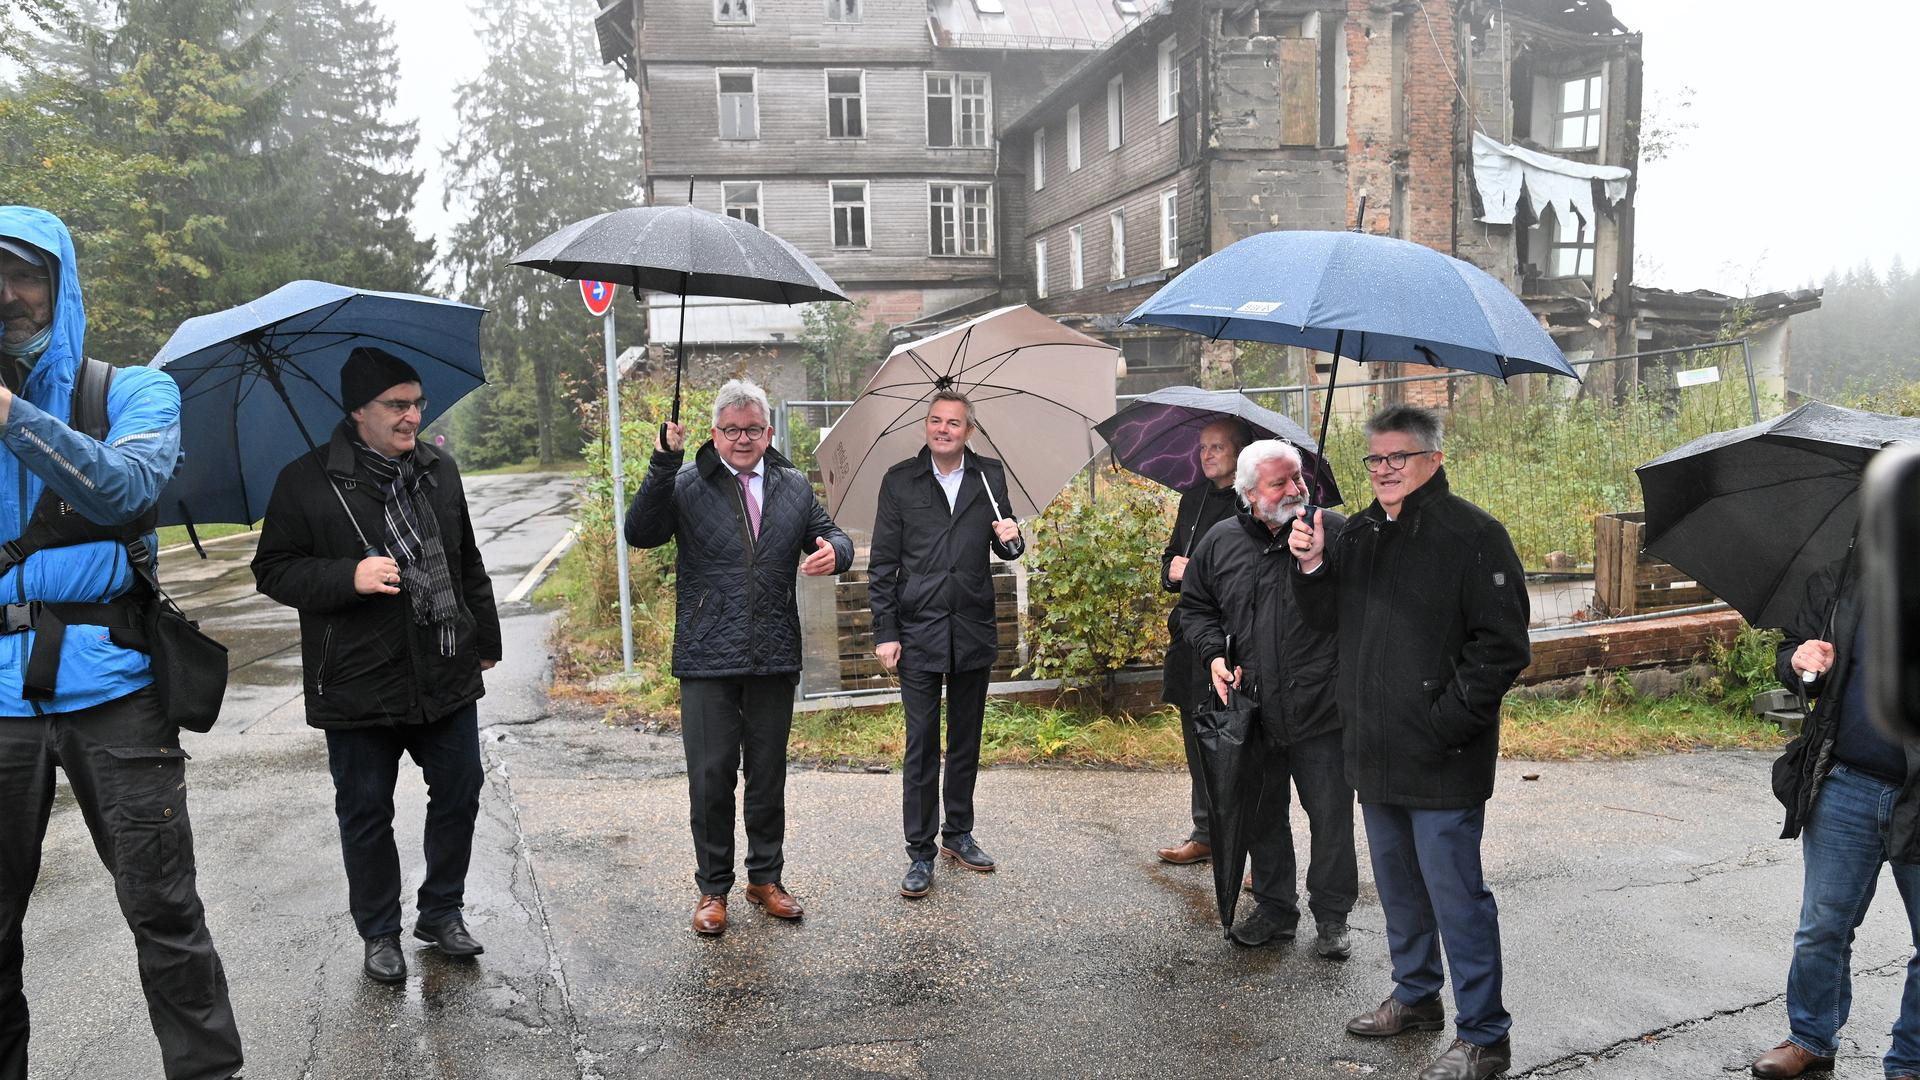 Vor der Ruine Hundseck: (von links) Bürgermeister Hans-Peter Braun (Bühlertal), Minister Guido Wolf, Landtagsabgeordenter Tobias Wald, Bürgermeister Jürgen Pfetzer (Ottersweier), Hansjörg Willig (Kulturerbe Schwarzwaldhochstraße) und Oberbürgermeister Hubert Schnurr (Bühl).